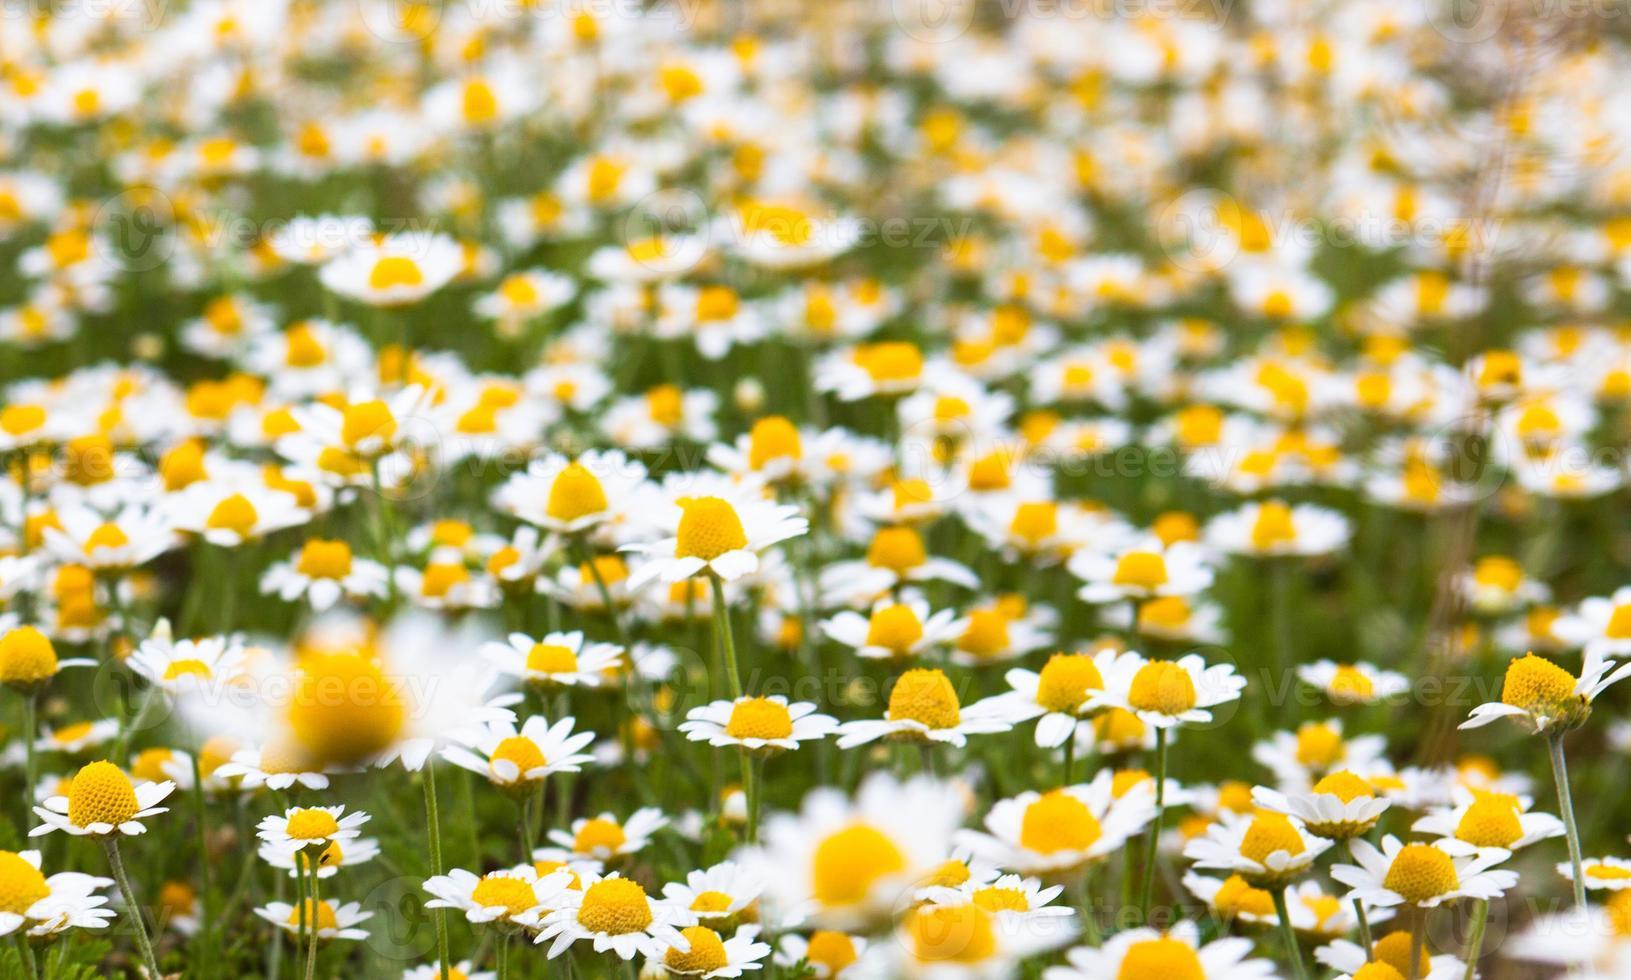 camomille in fiore foto